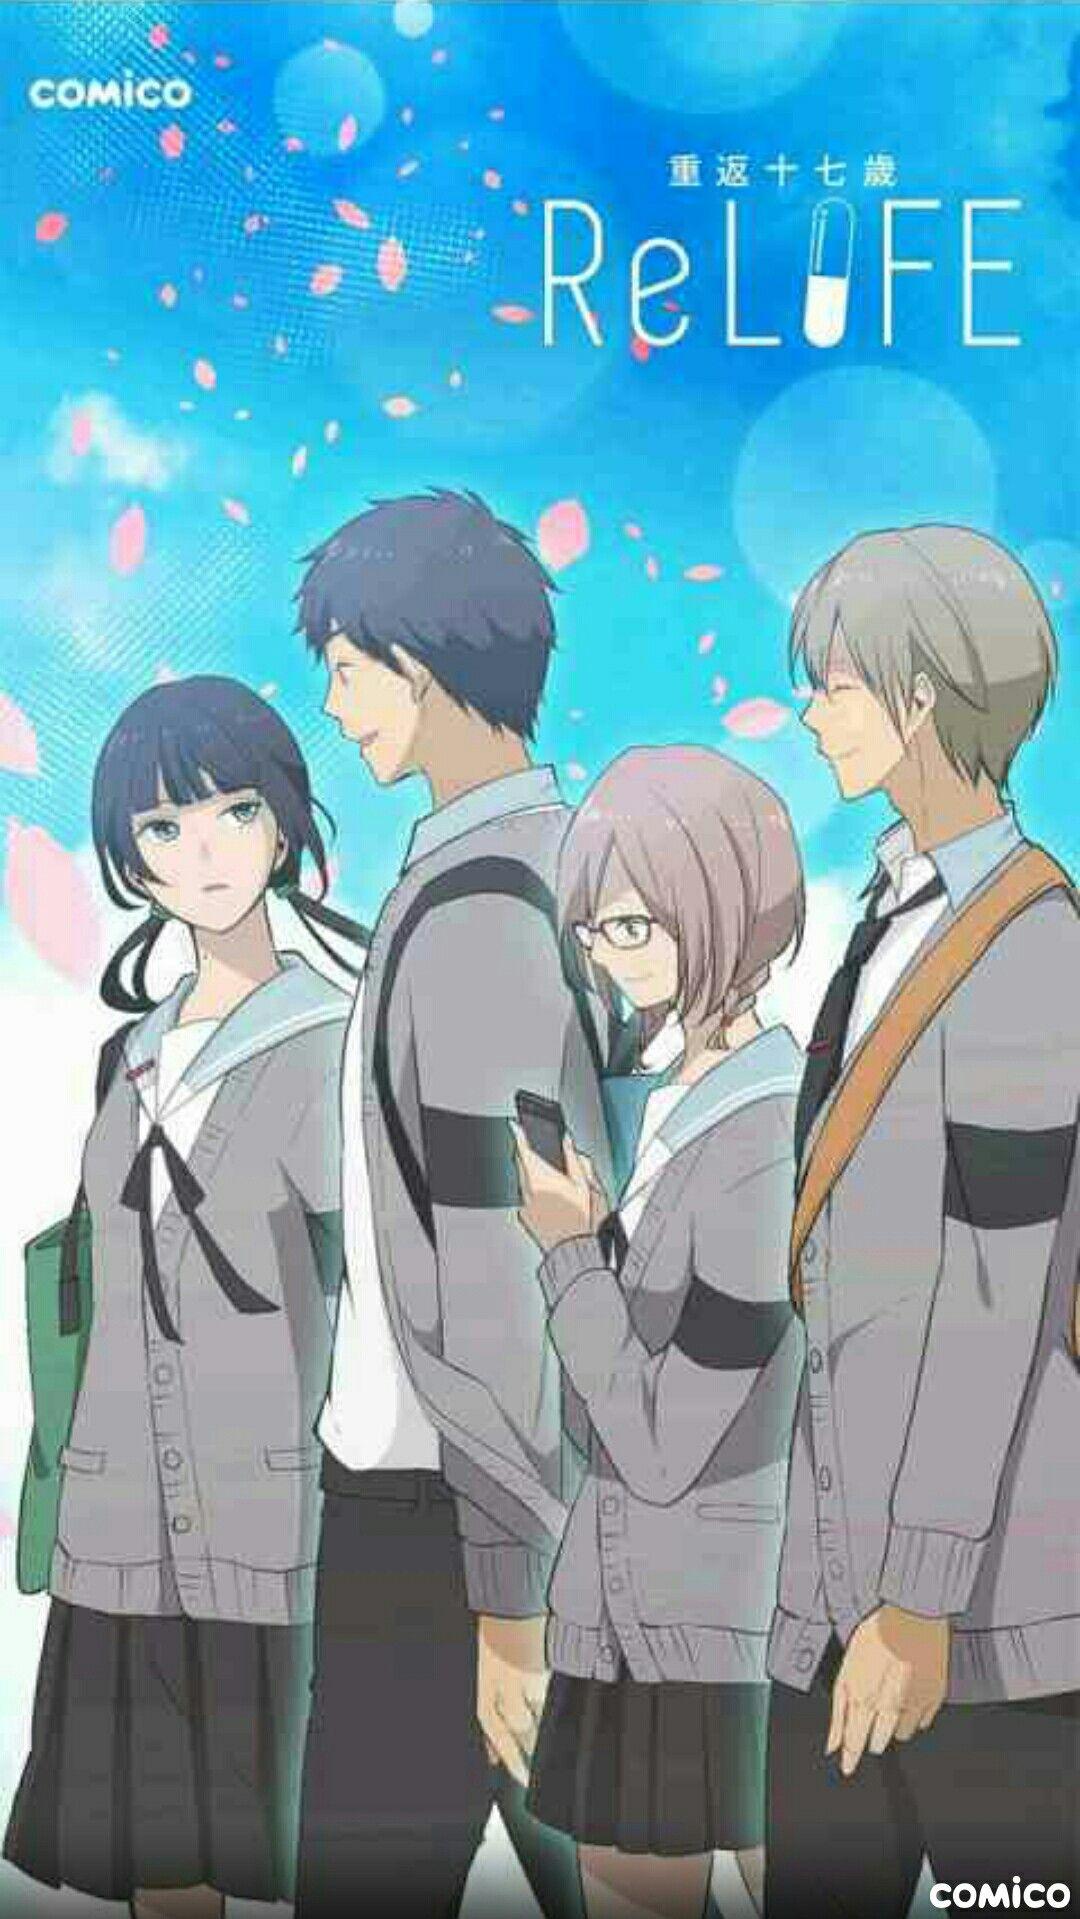 Relife Anime Romance Anime Manga Anime